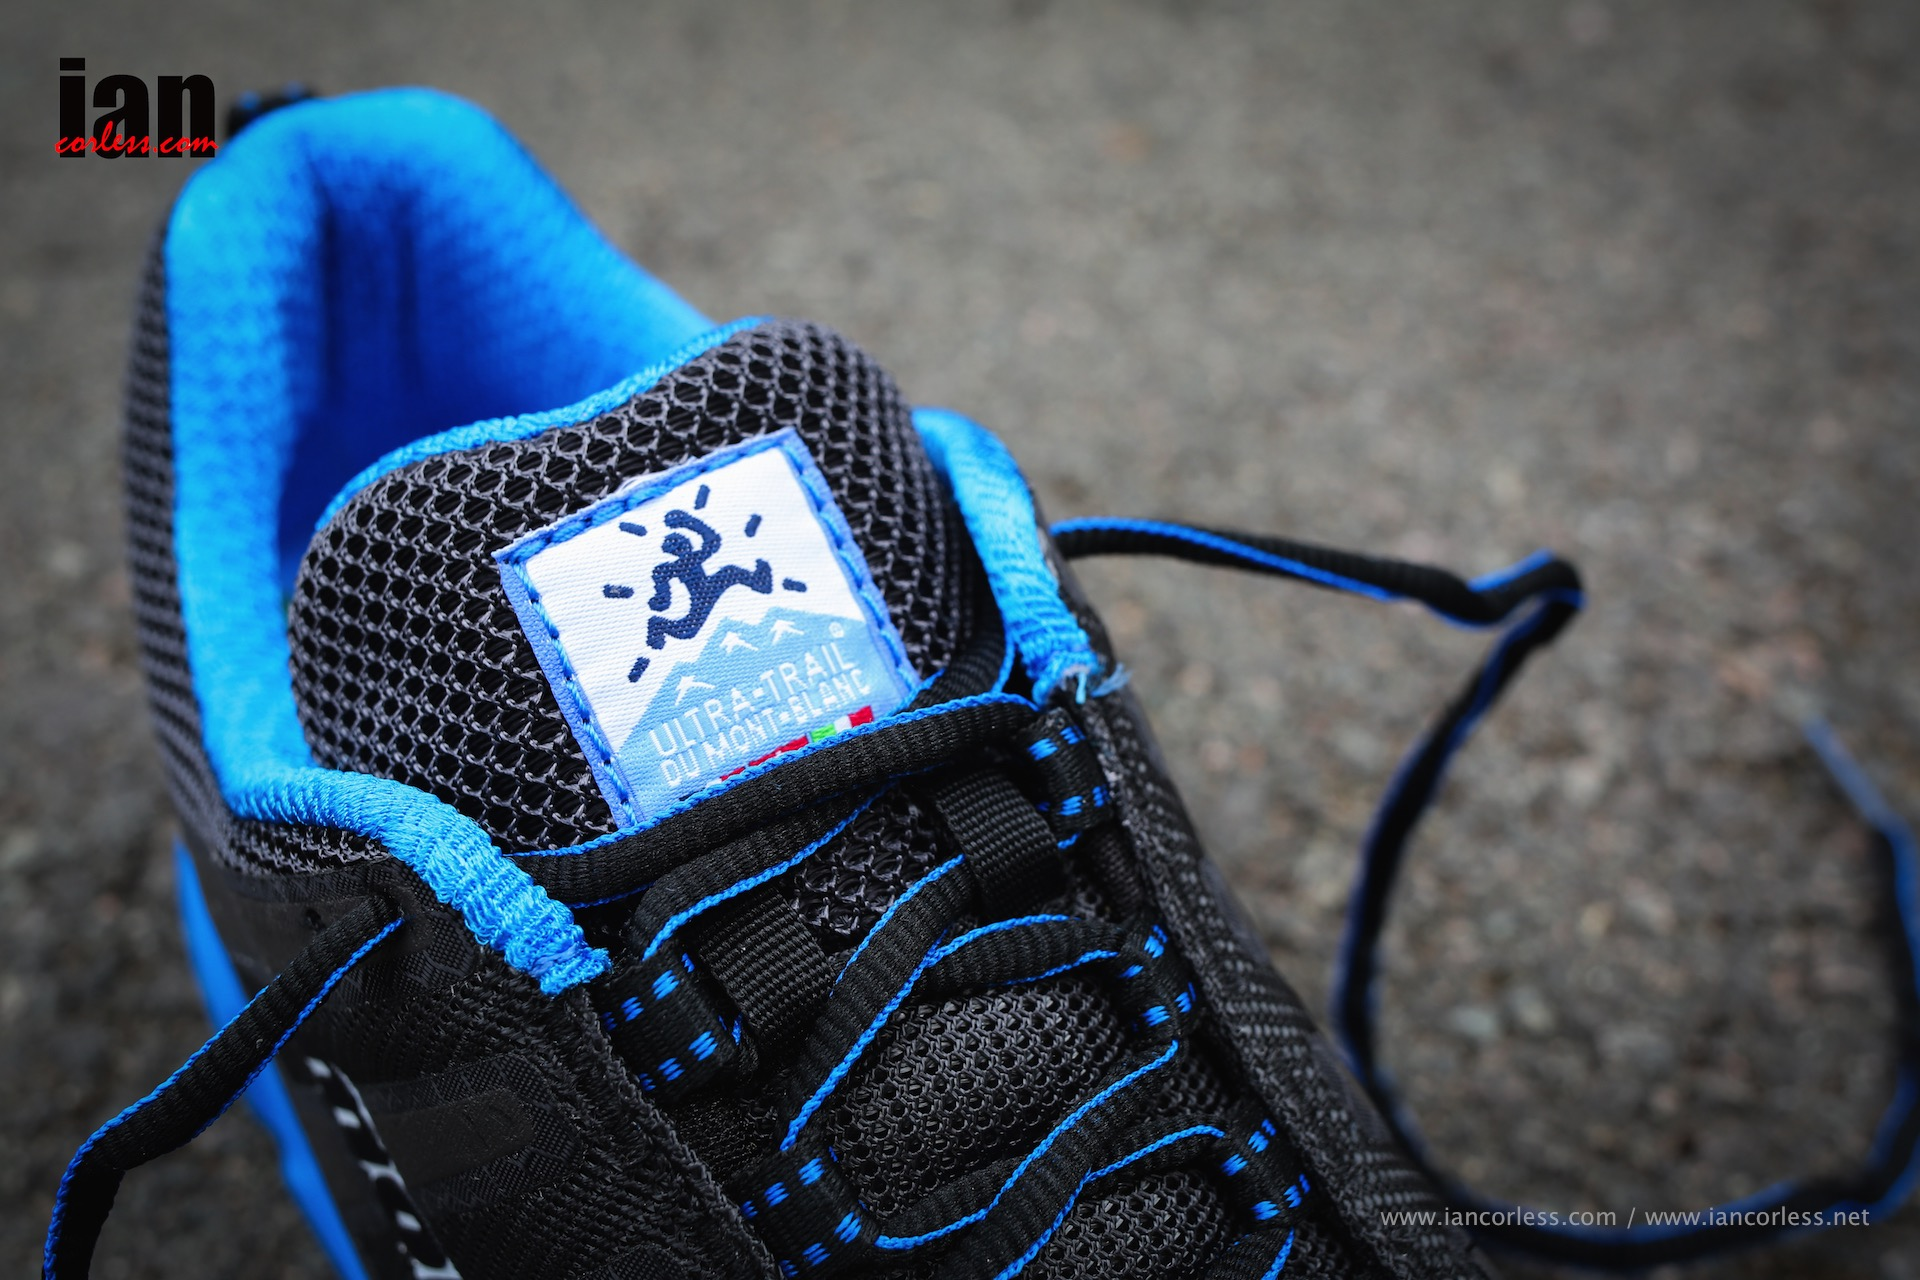 trail running shoe for utmb